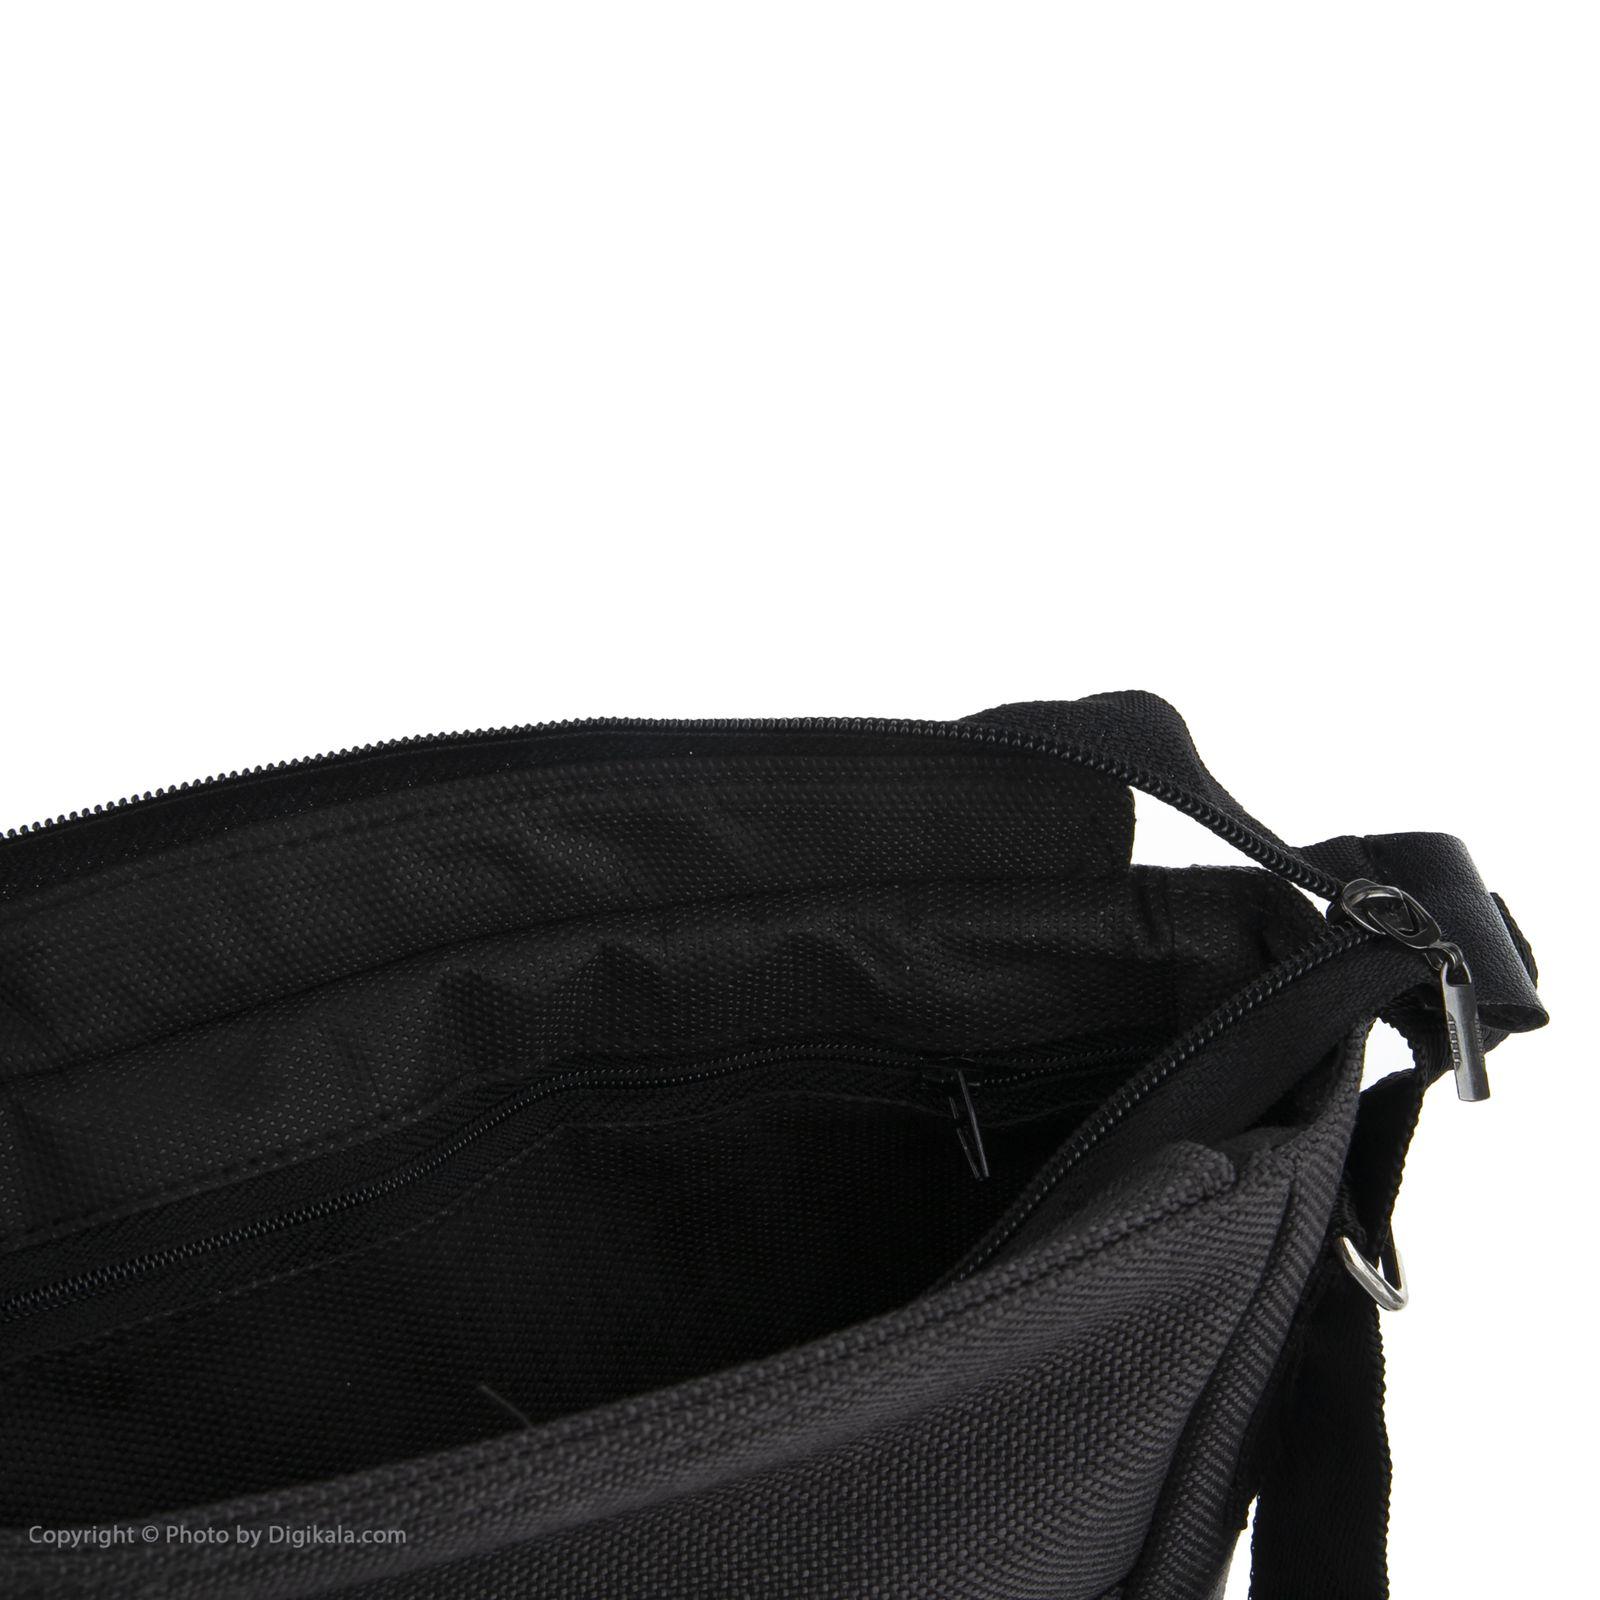 کیف رودوشی زنانه میو مدل MBS156 -  - 4